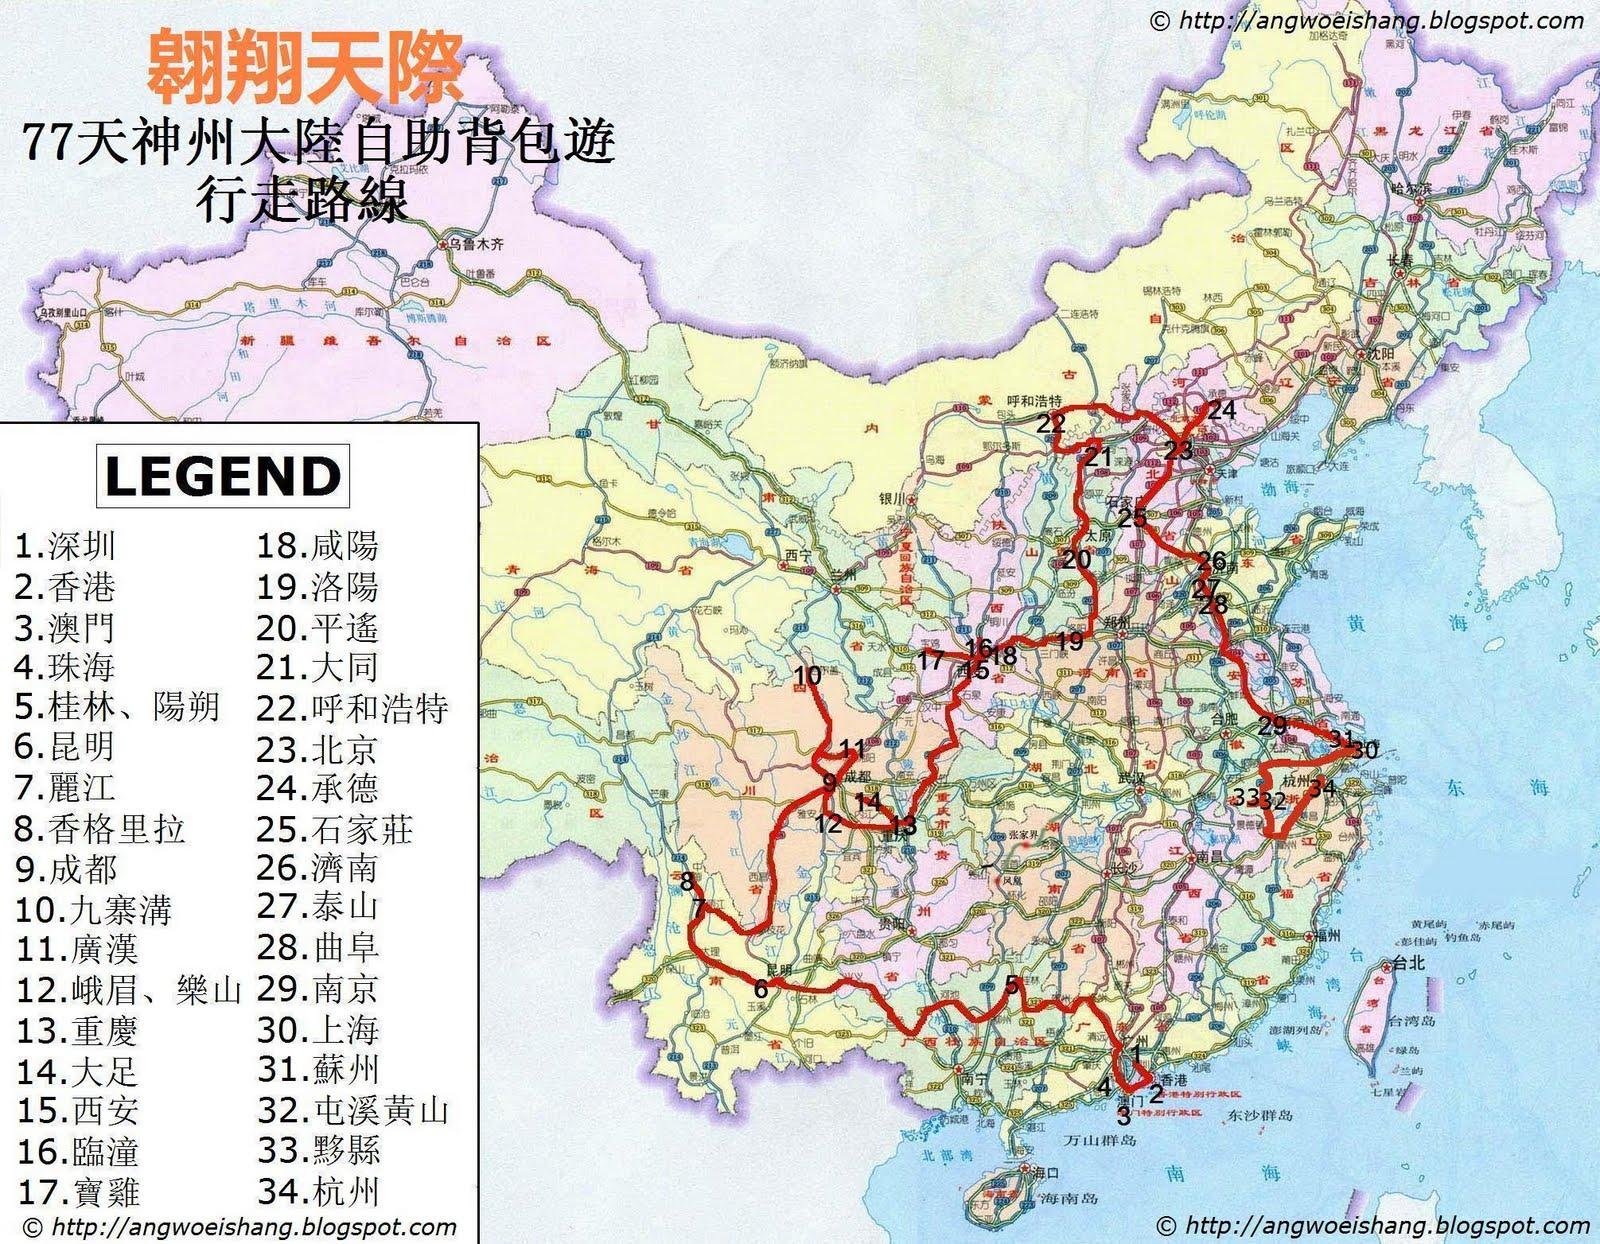 翱翔天際·洪偉翔 aNG's Blog: 神州 ...